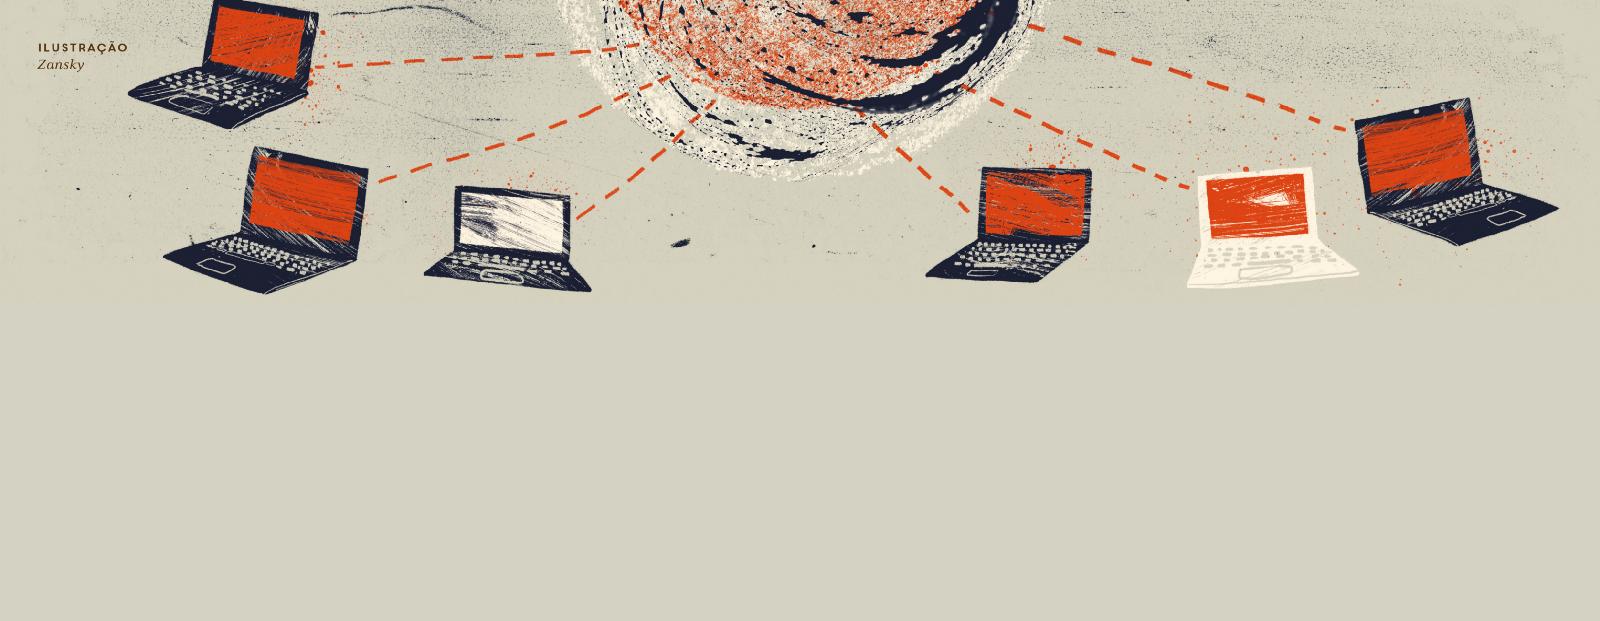 Cibercultura e ensino universitário: que mudanças esperar após 2020?